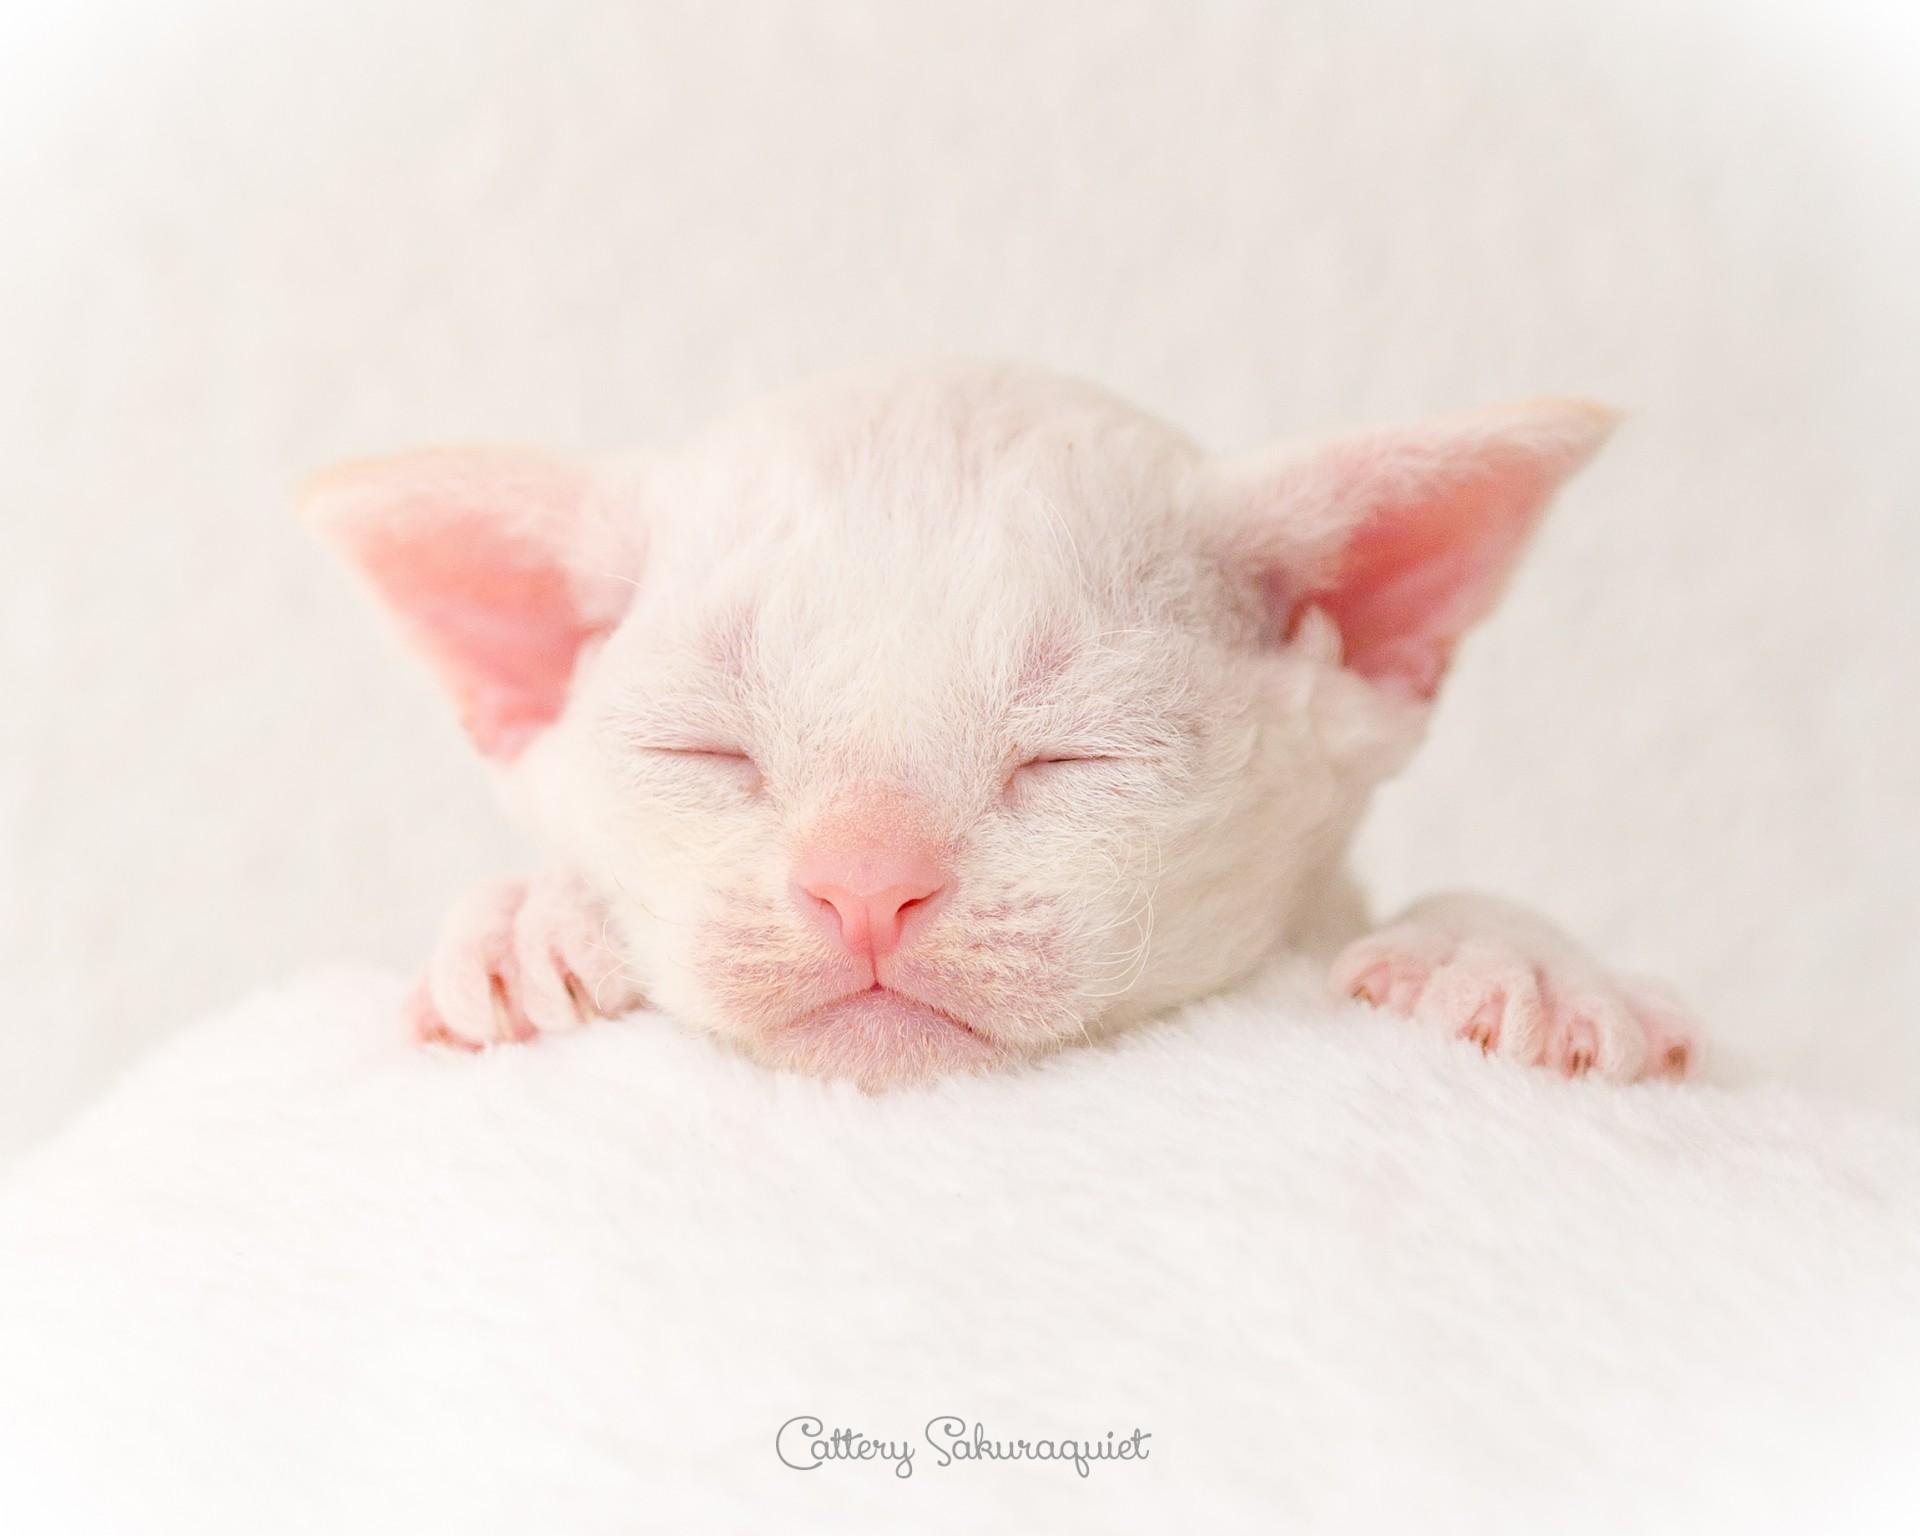 デボンレックス SNIPの仔猫 レッドリンクスポイント&ホワイト オス Devon Rex Kittens SNIP Red lynx point&white male